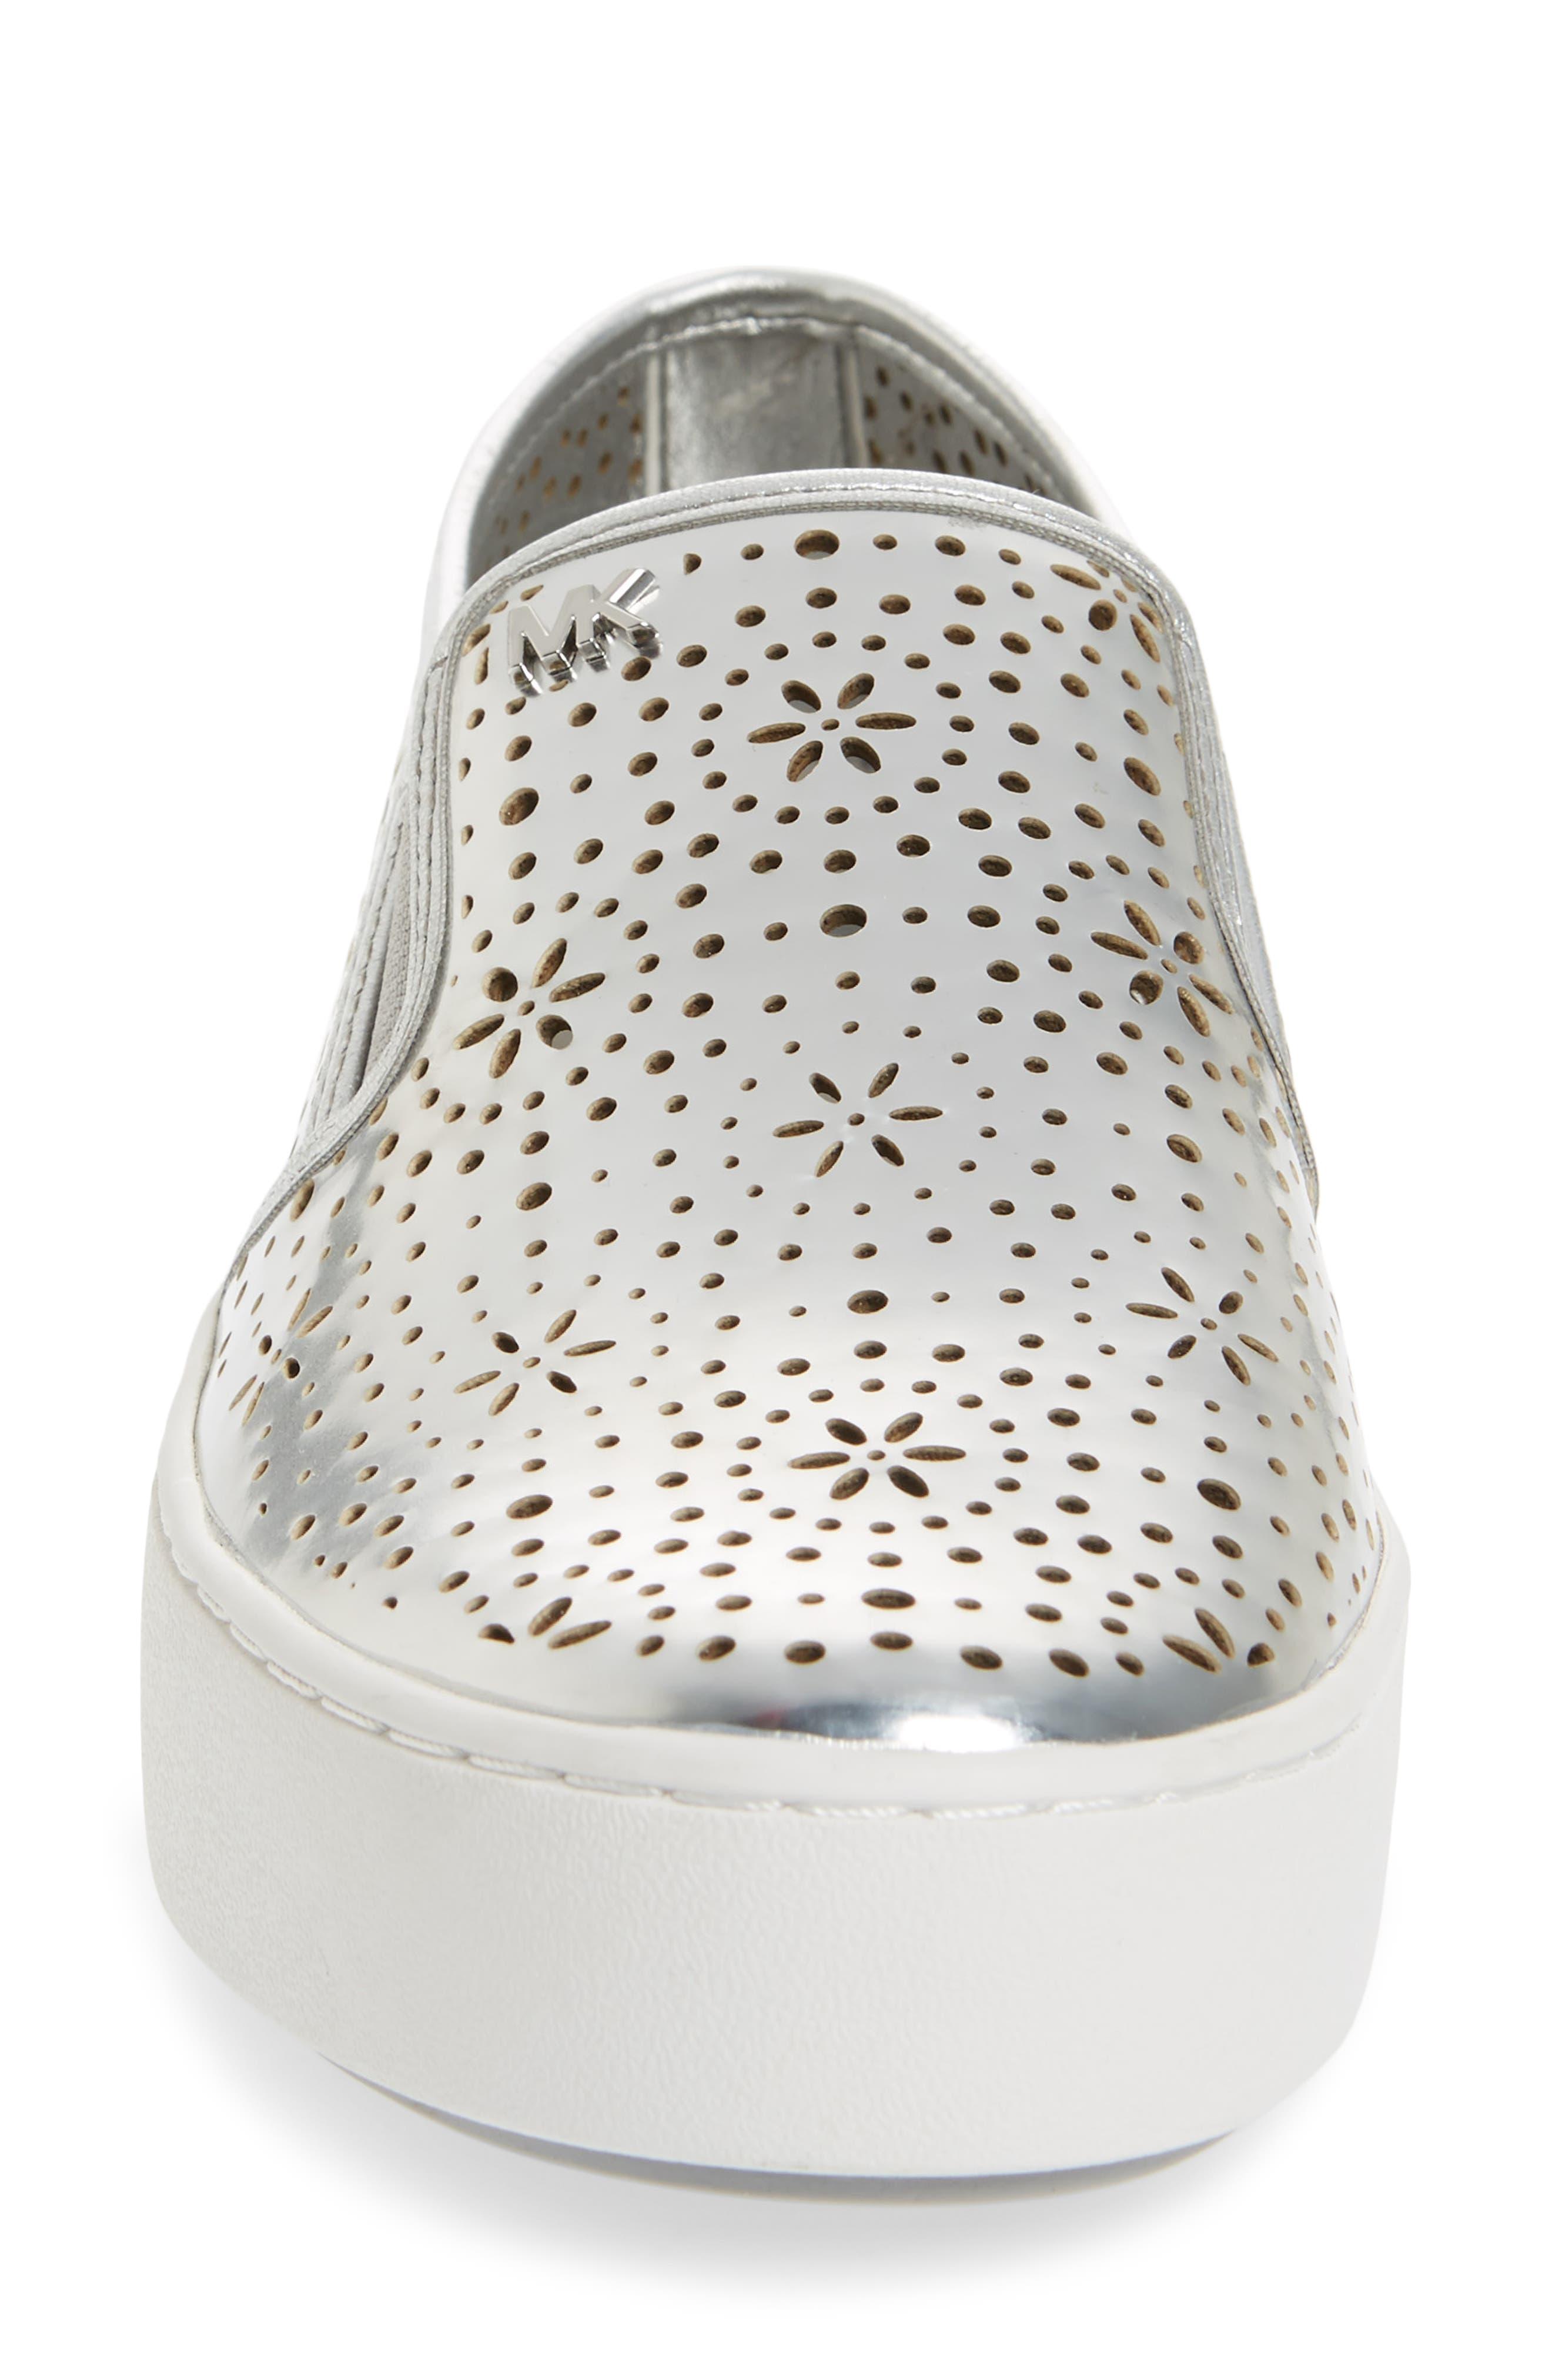 Trent Slip-On Sneaker,                             Alternate thumbnail 4, color,                             Silver